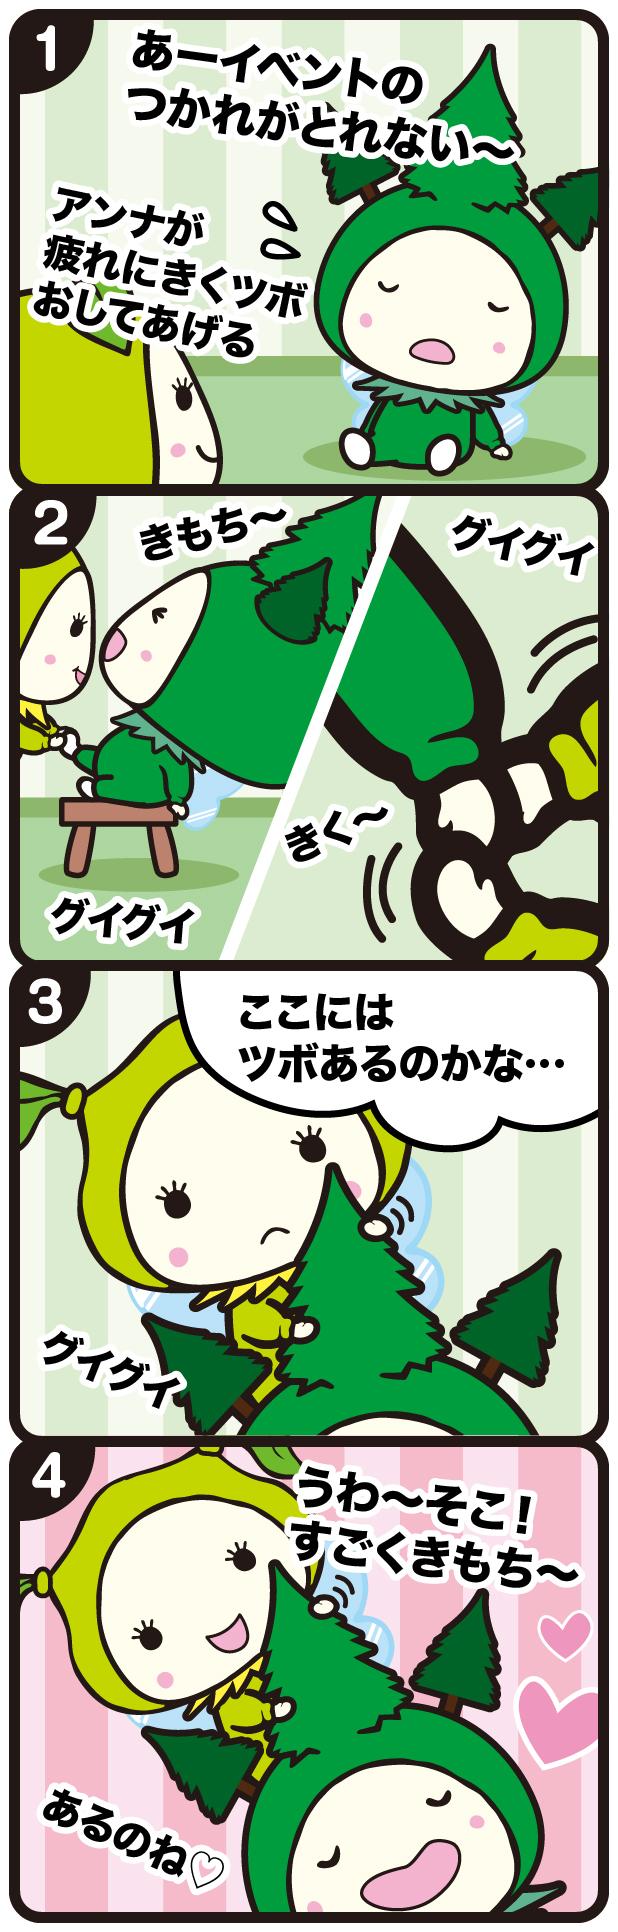 comic_229